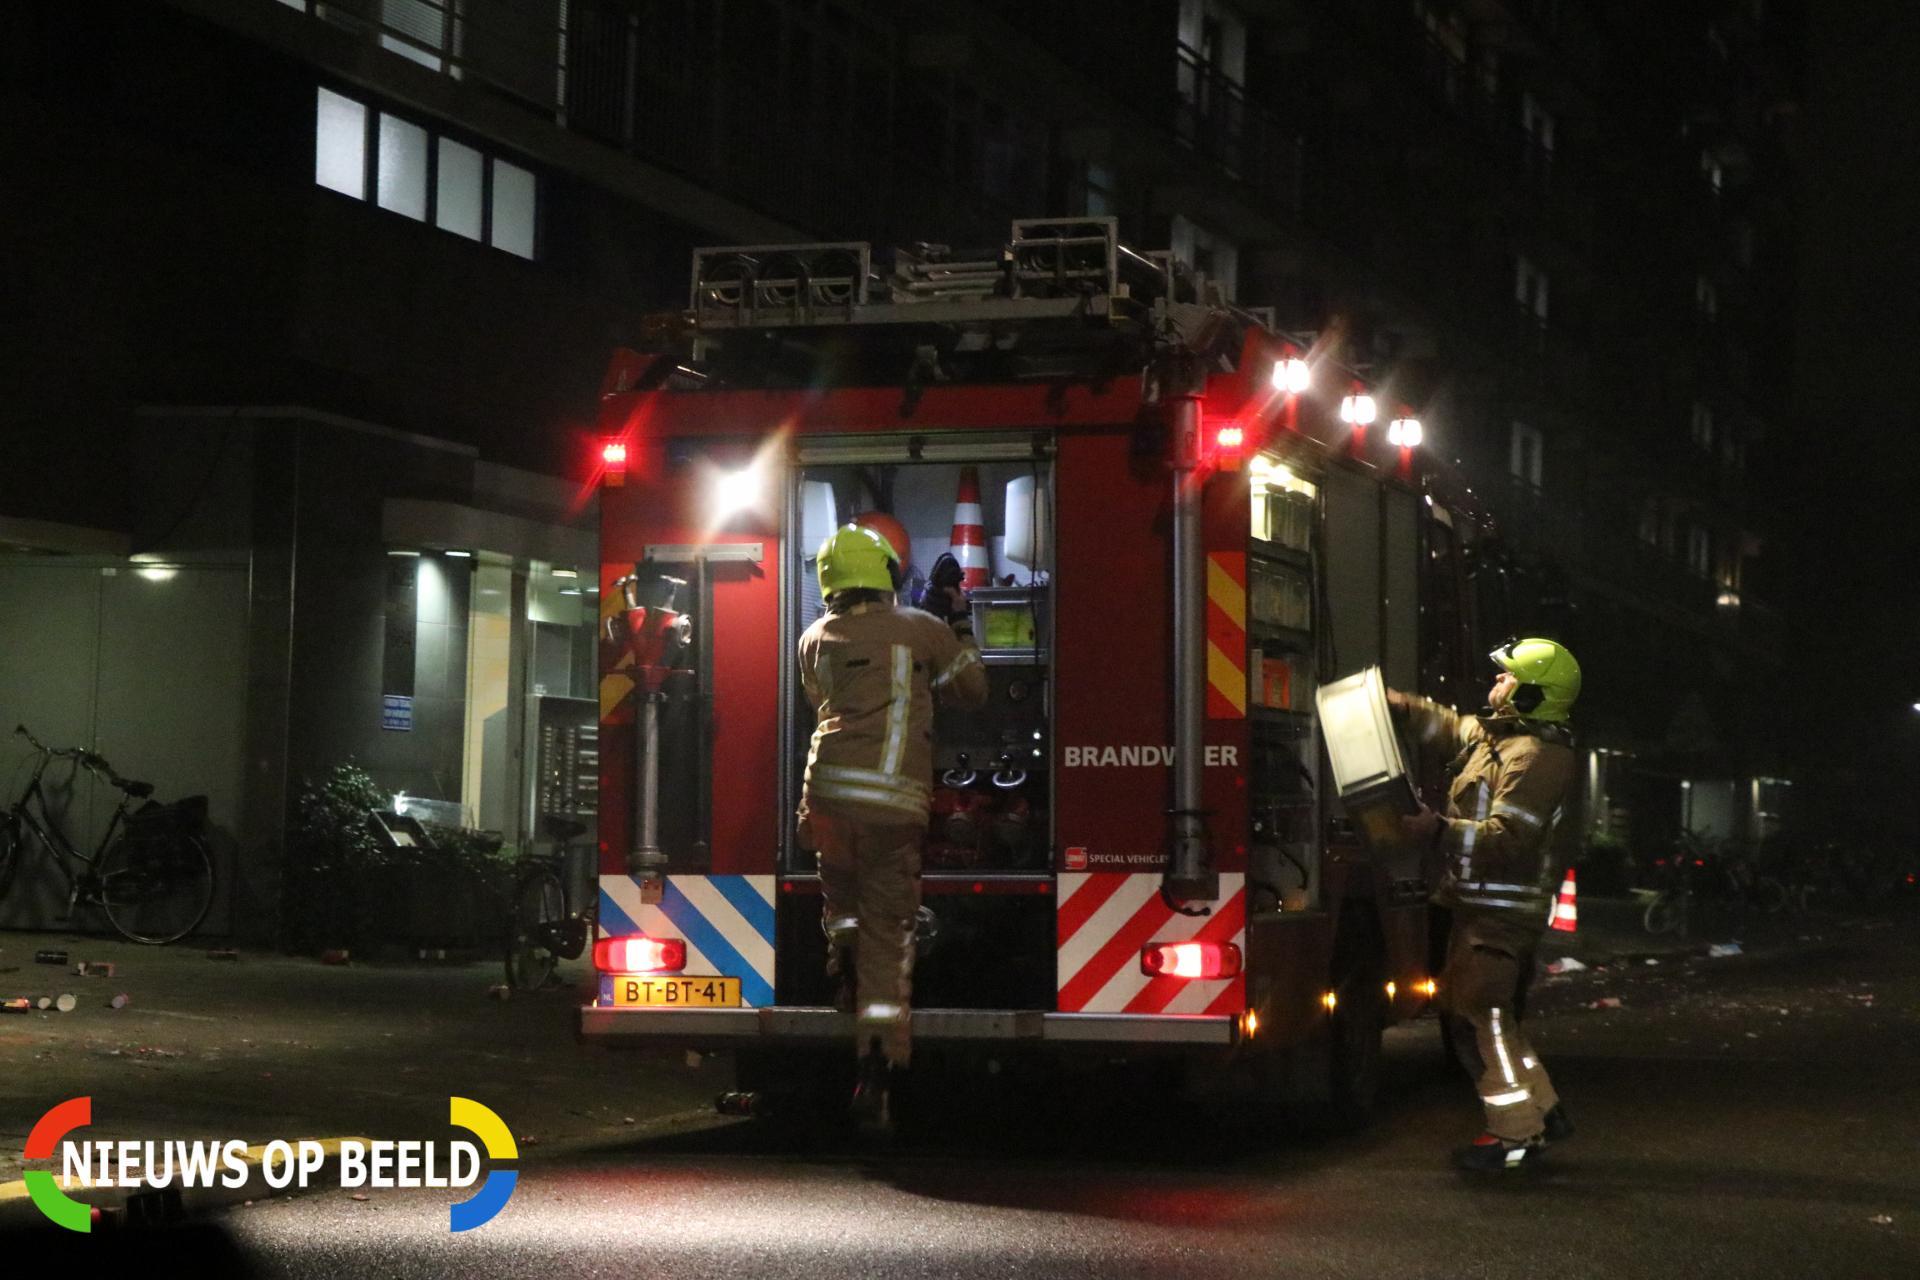 Kranten in de brand gestoken Valeriusrondeel Capelle aan den IJssel